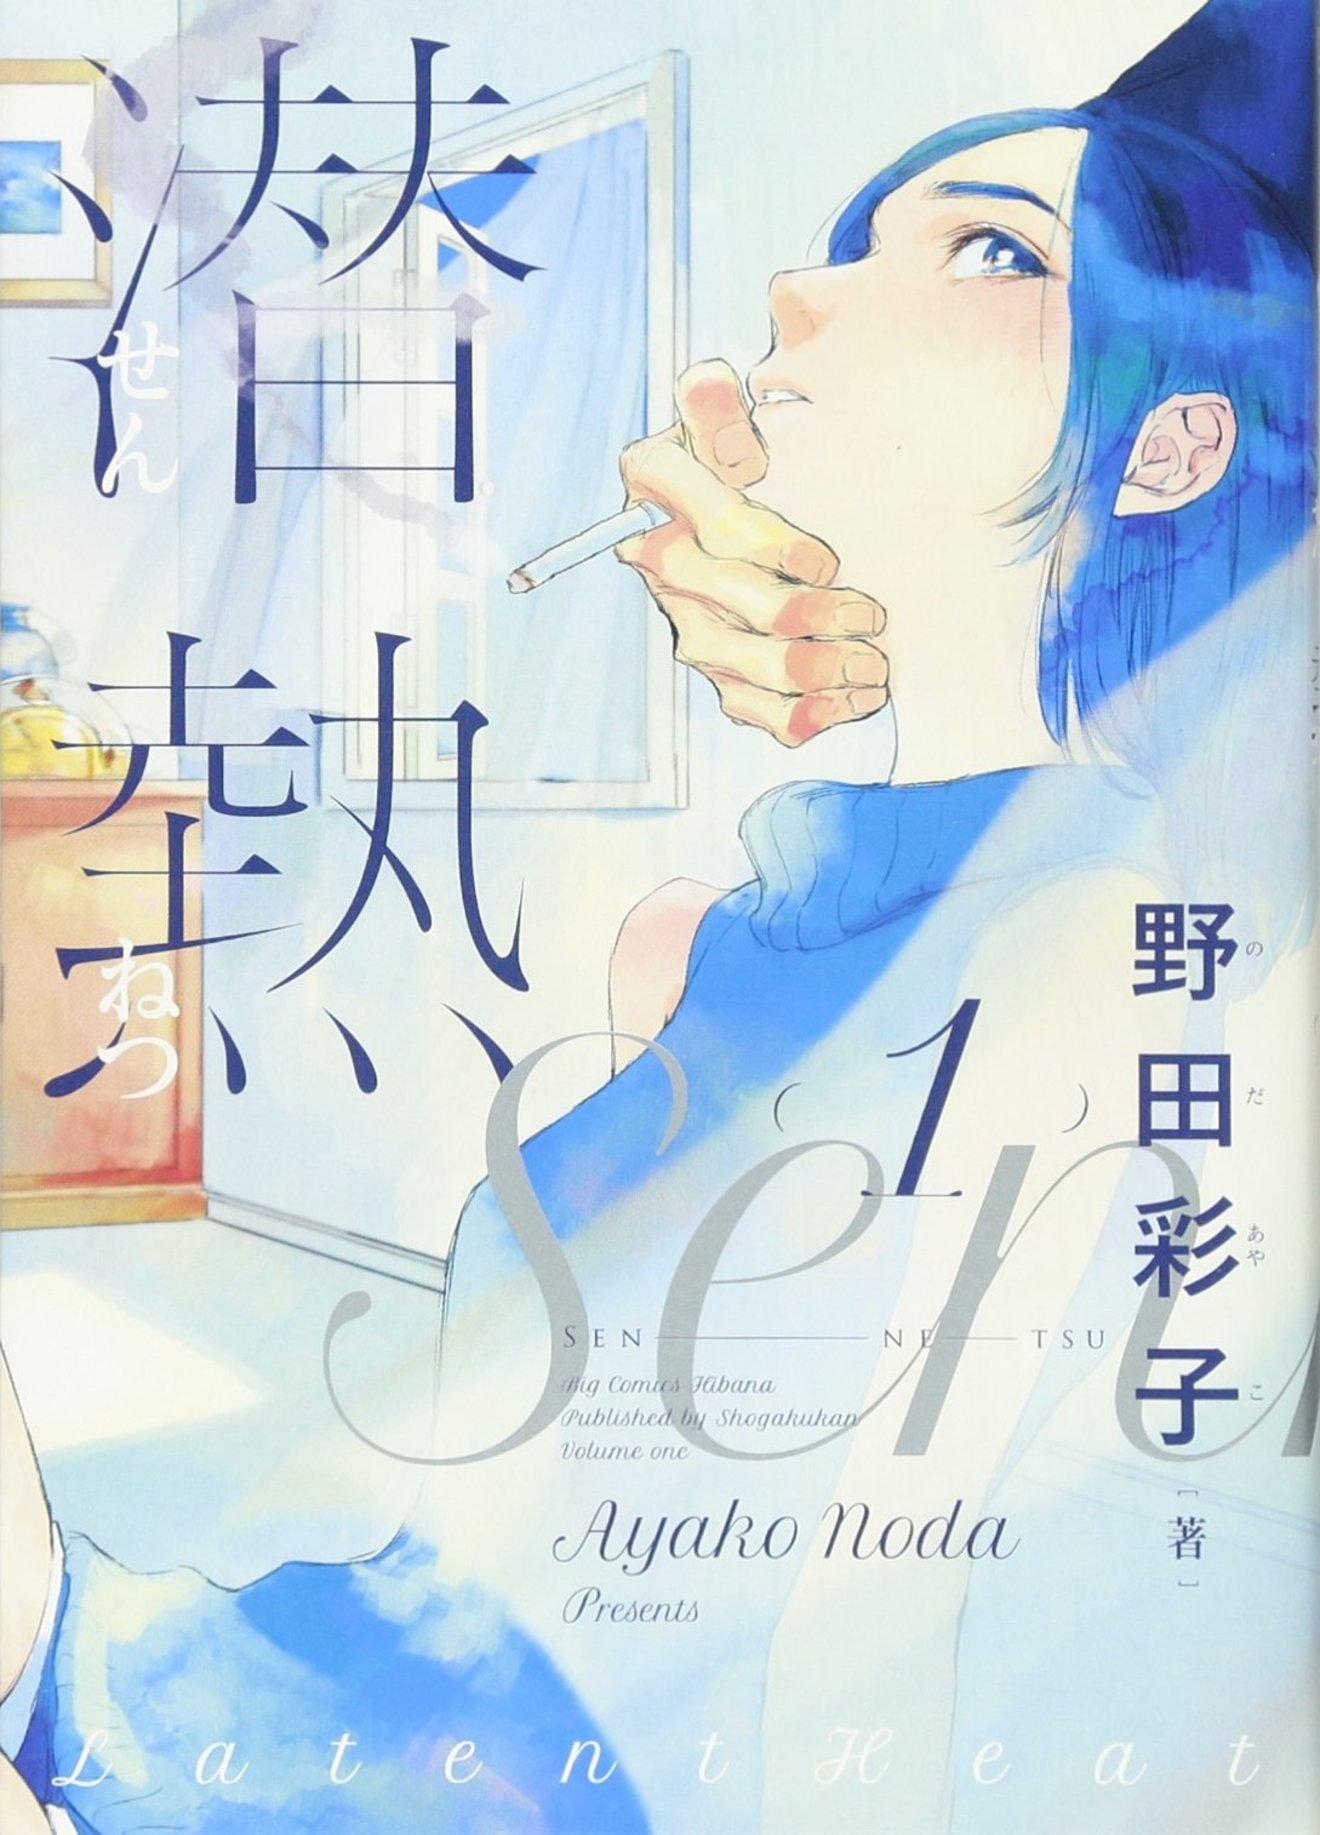 『潜熱』2巻までの危険な魅力をネタバレ紹介!大人の恋物語が面白い!